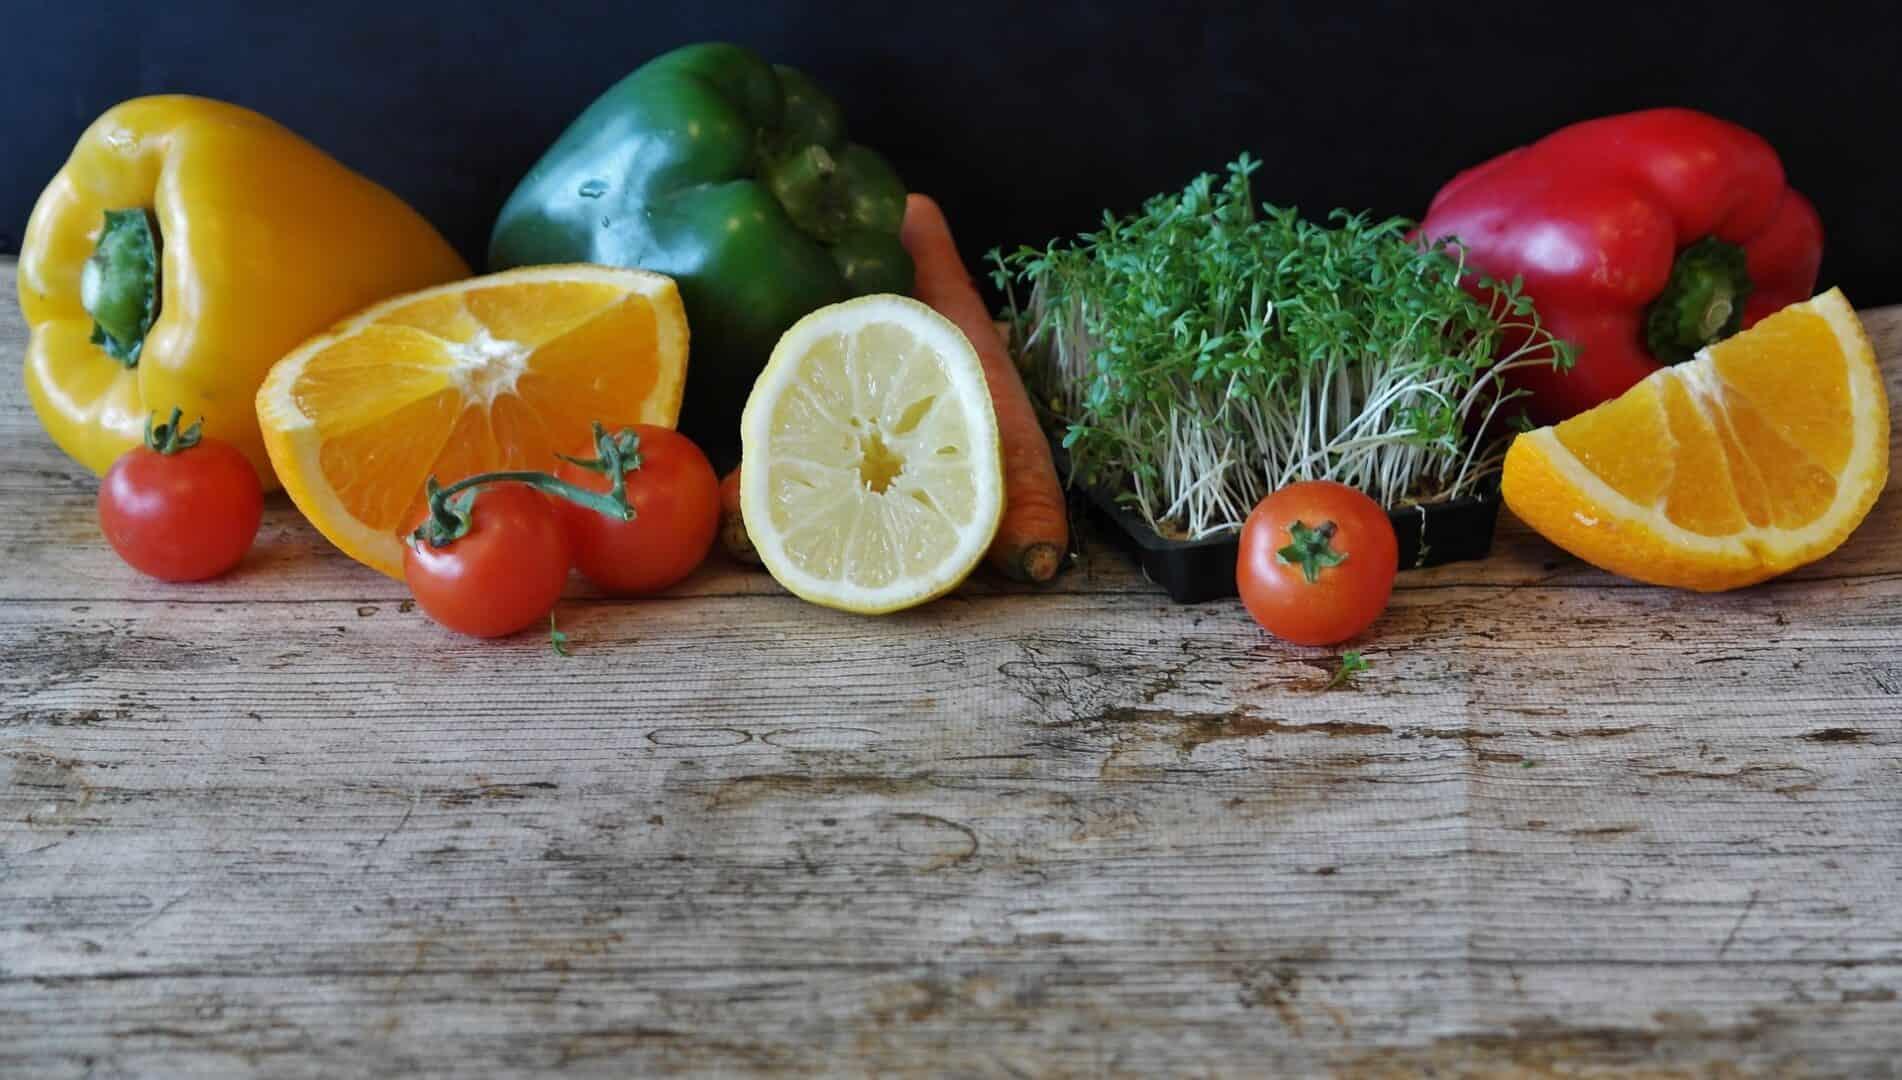 Nährstoffe als Medizin